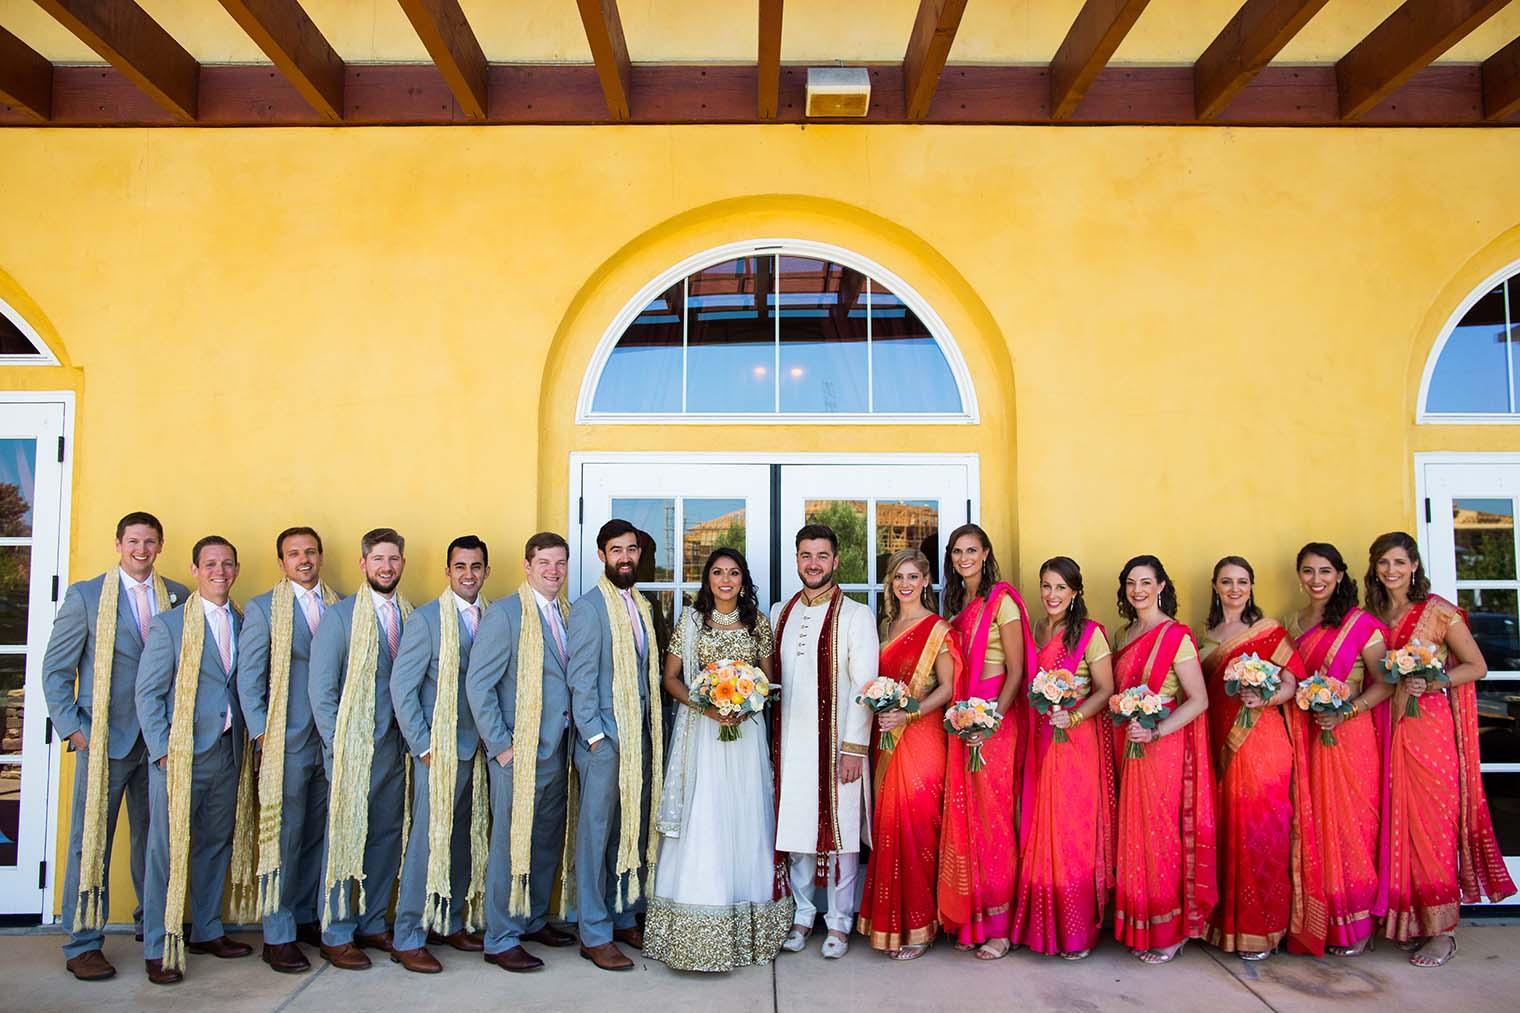 bridal party at meritage resort and spa